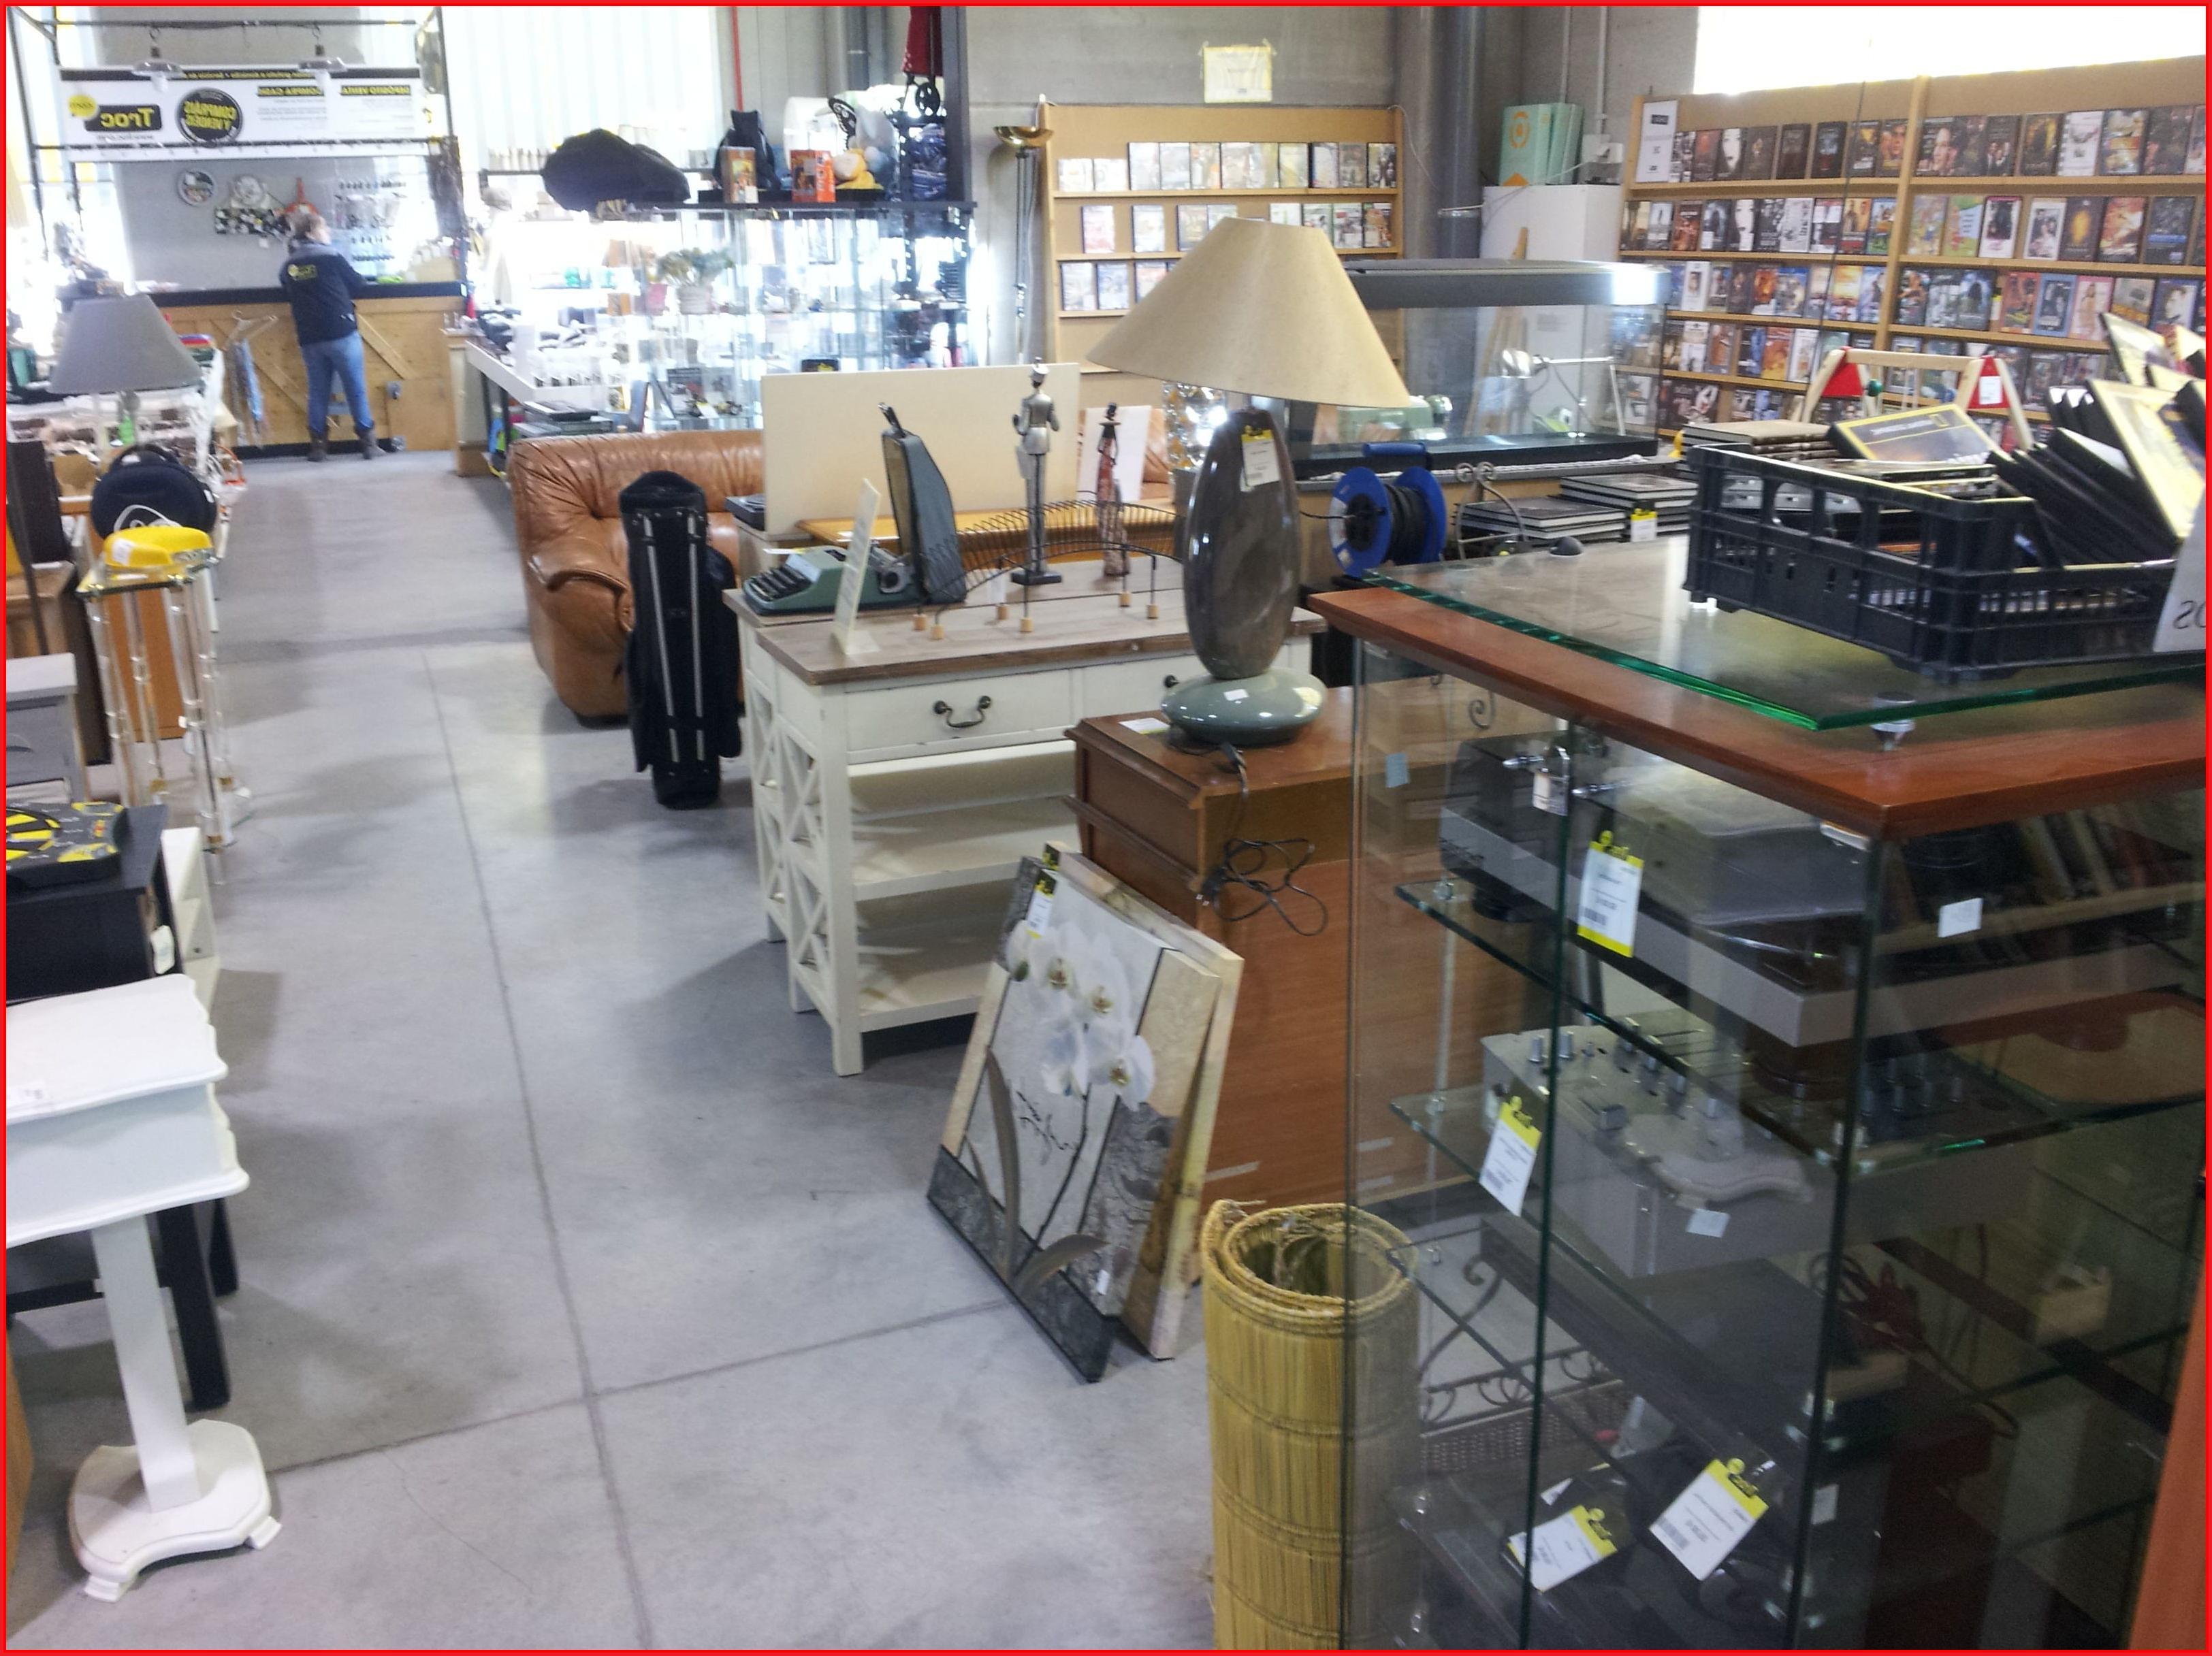 Donde Vender Muebles Usados En Madrid Fmdf Donde Vender Muebles Usados Donde Vender Muebles Usados